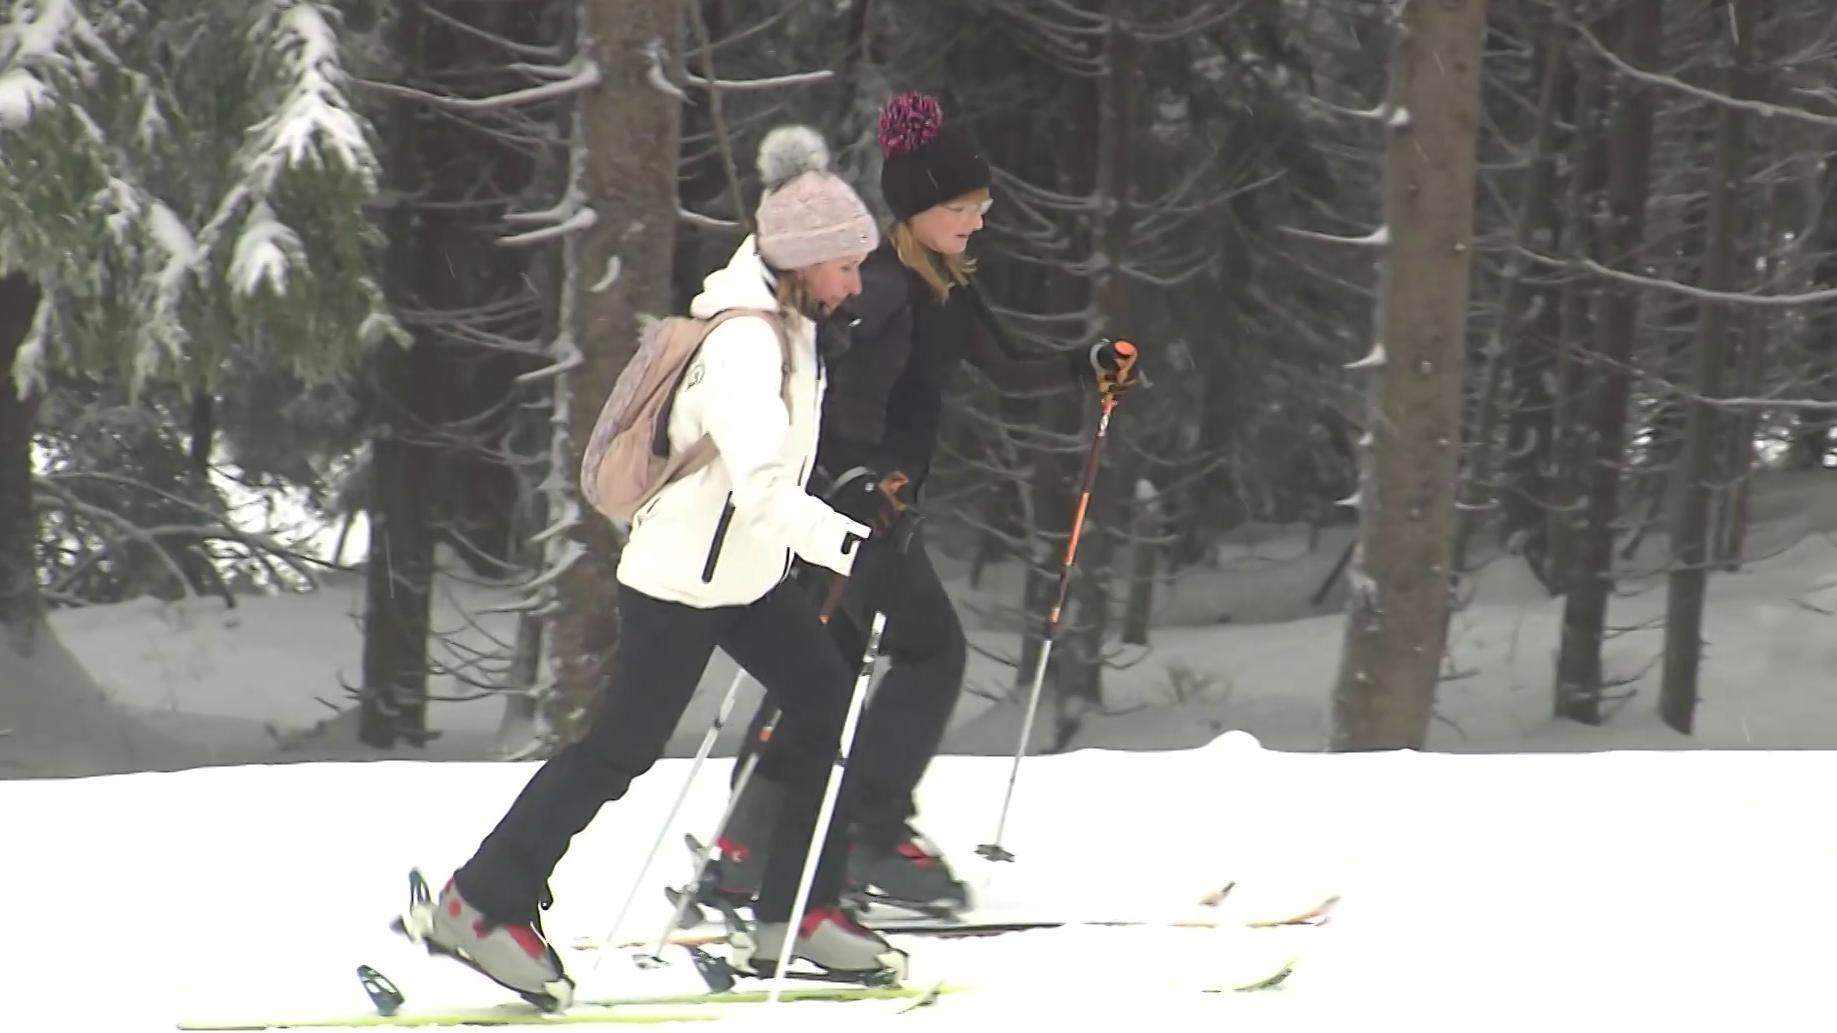 Zwei Langläuferinnen auf Ski im Wald